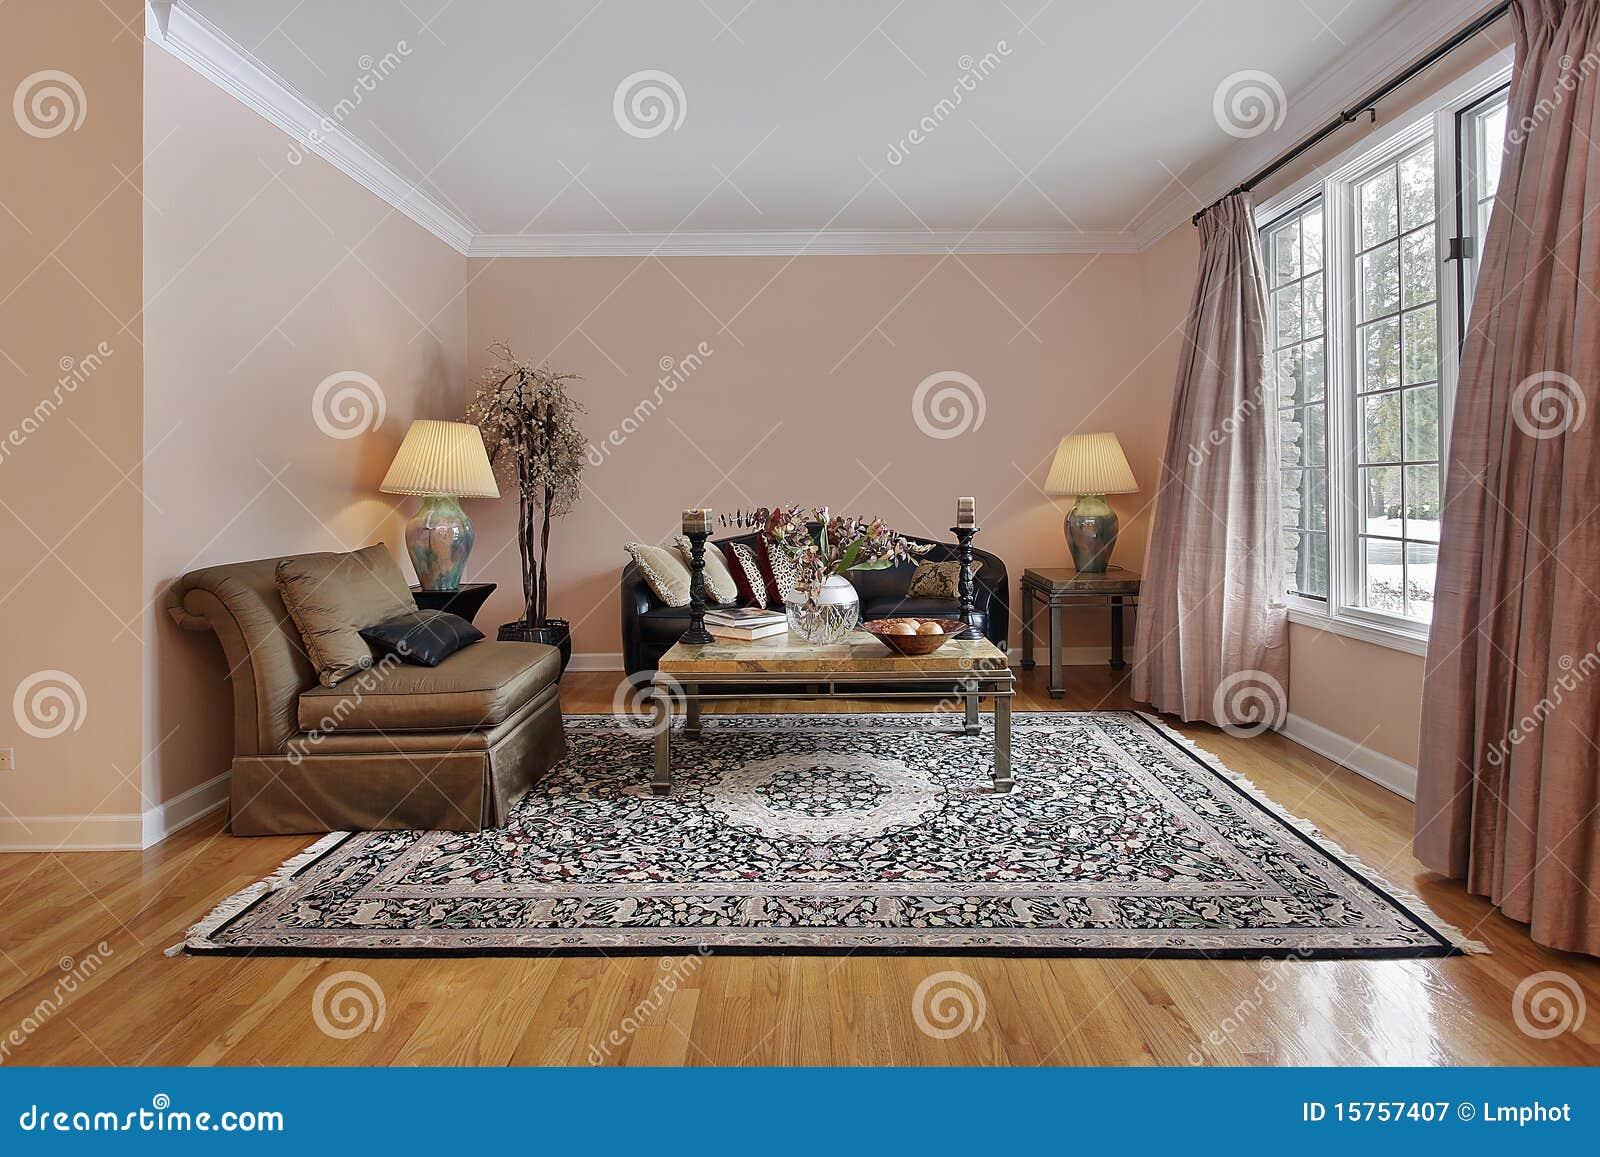 Woonkamer met houten vloeren royalty vrije stock fotografie afbeelding 15757407 - Eigentijdse badkuip ...